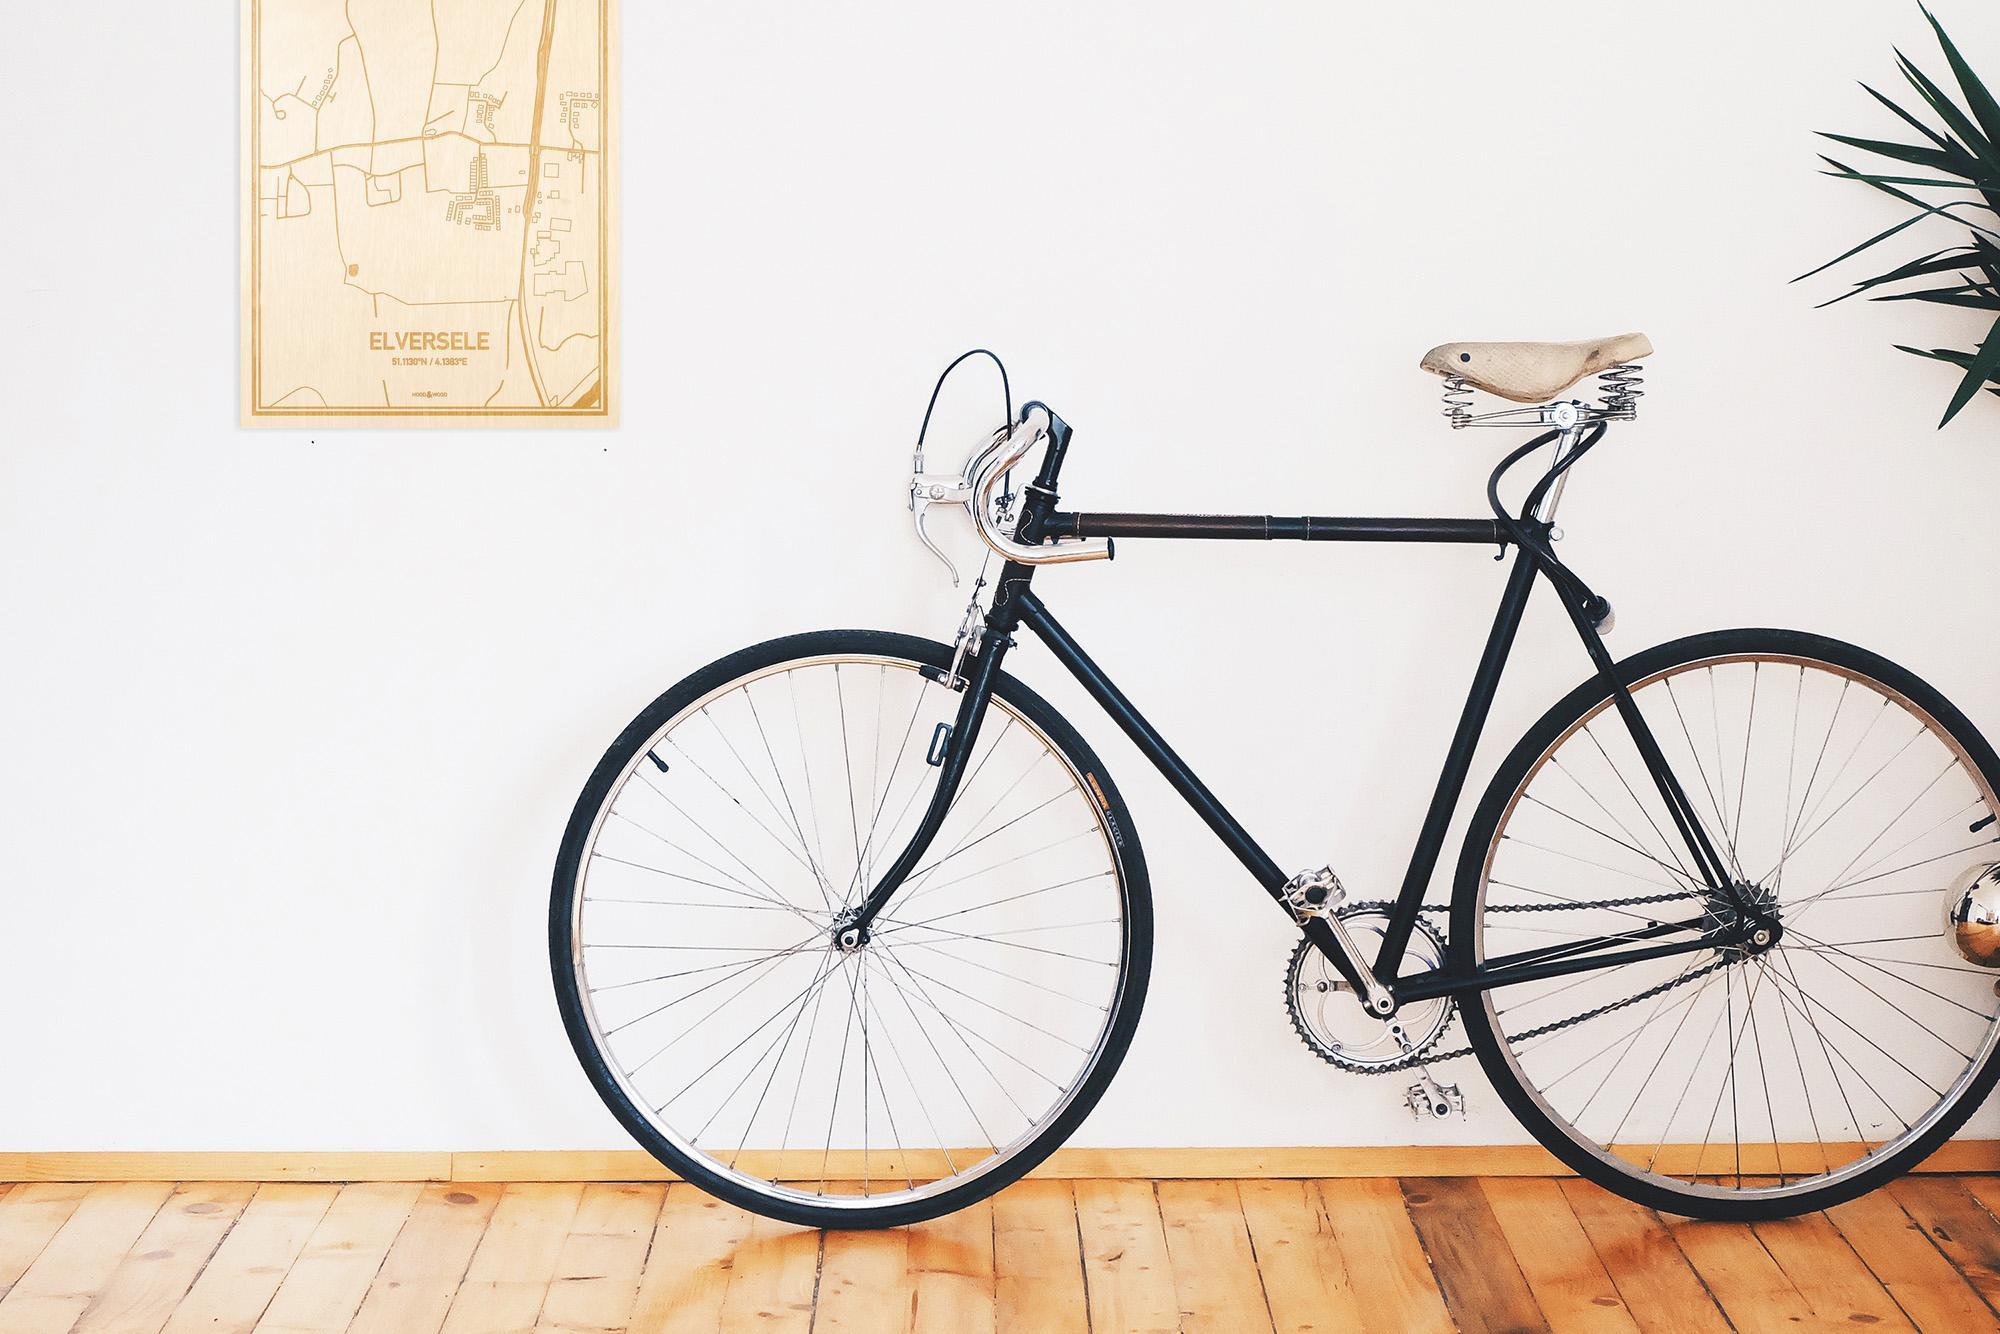 Een snelle fiets in een uniek interieur in Oost-Vlaanderen  met mooie decoratie zoals de plattegrond Elversele.